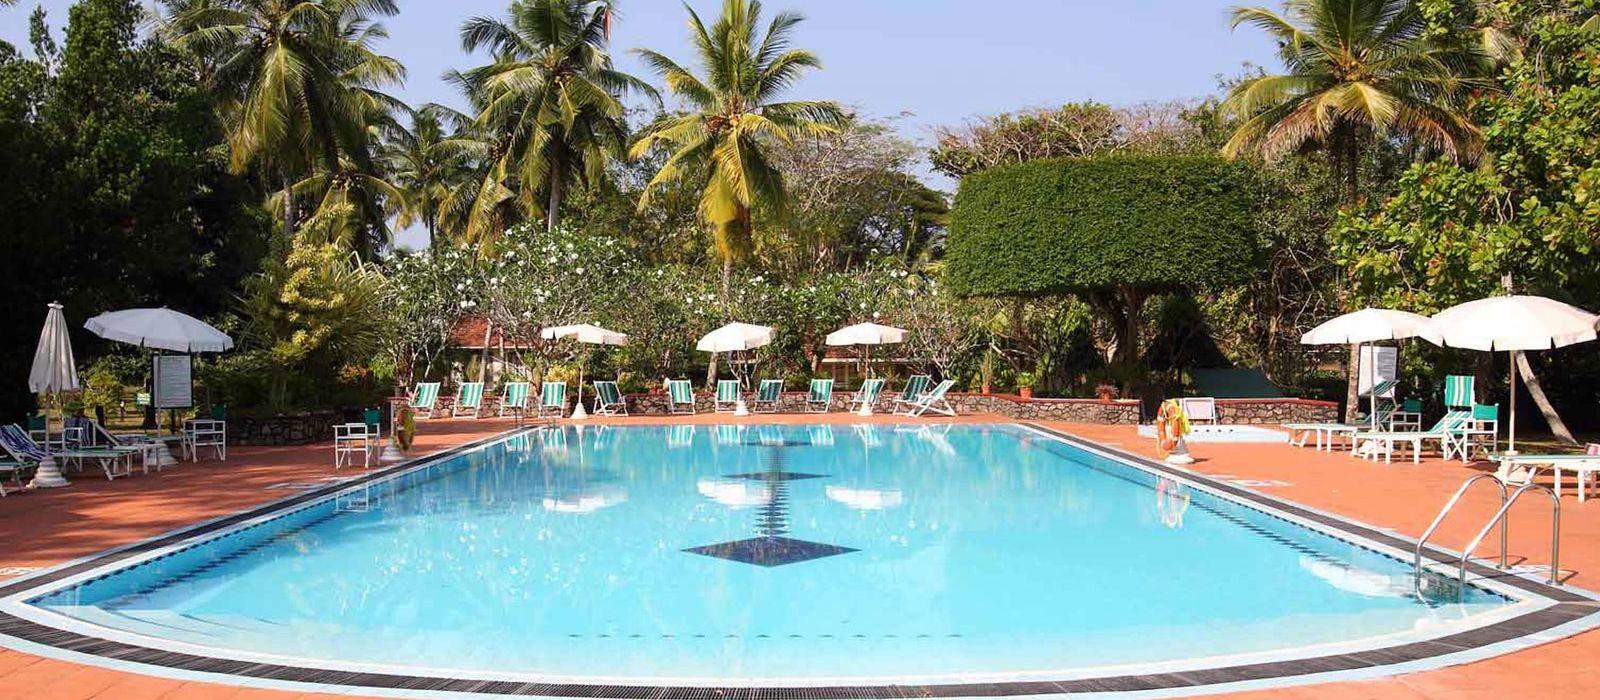 Hotel The Tamarind Tree Sri Lanka